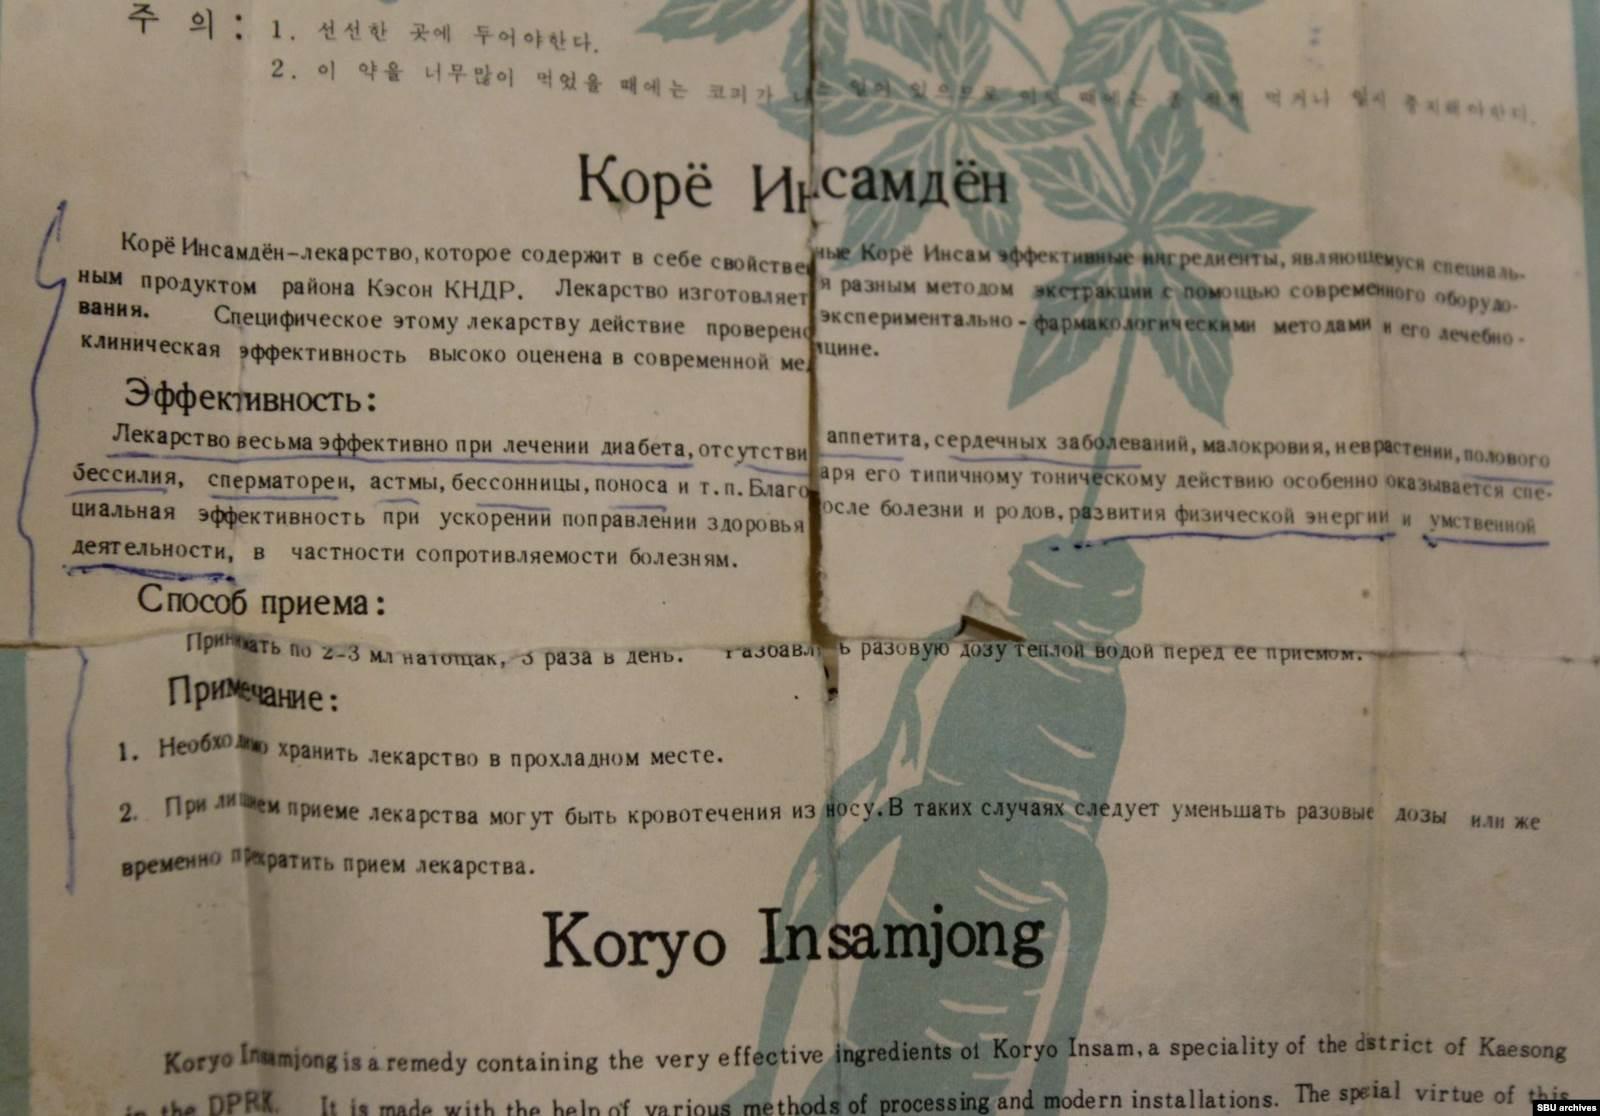 Инструкция от экстракта женьшеня, переданного корейцами Пушкарю. Из уголовного дела.